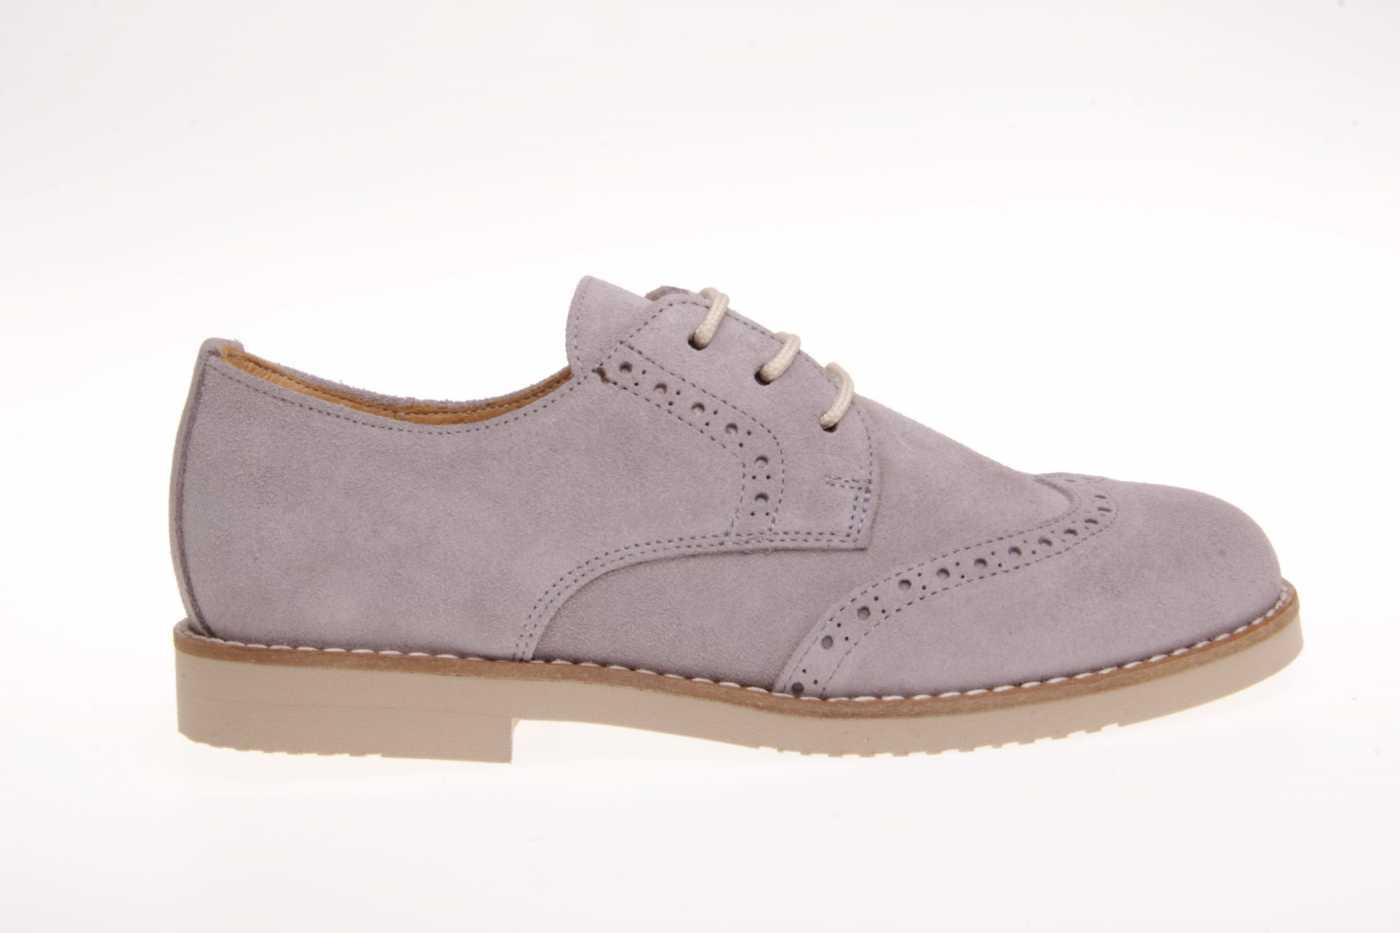 252d975ade4 Comprar zapato tipo JOVEN NIÑO estilo BLUCHER COLOR GRIS ANTE ...